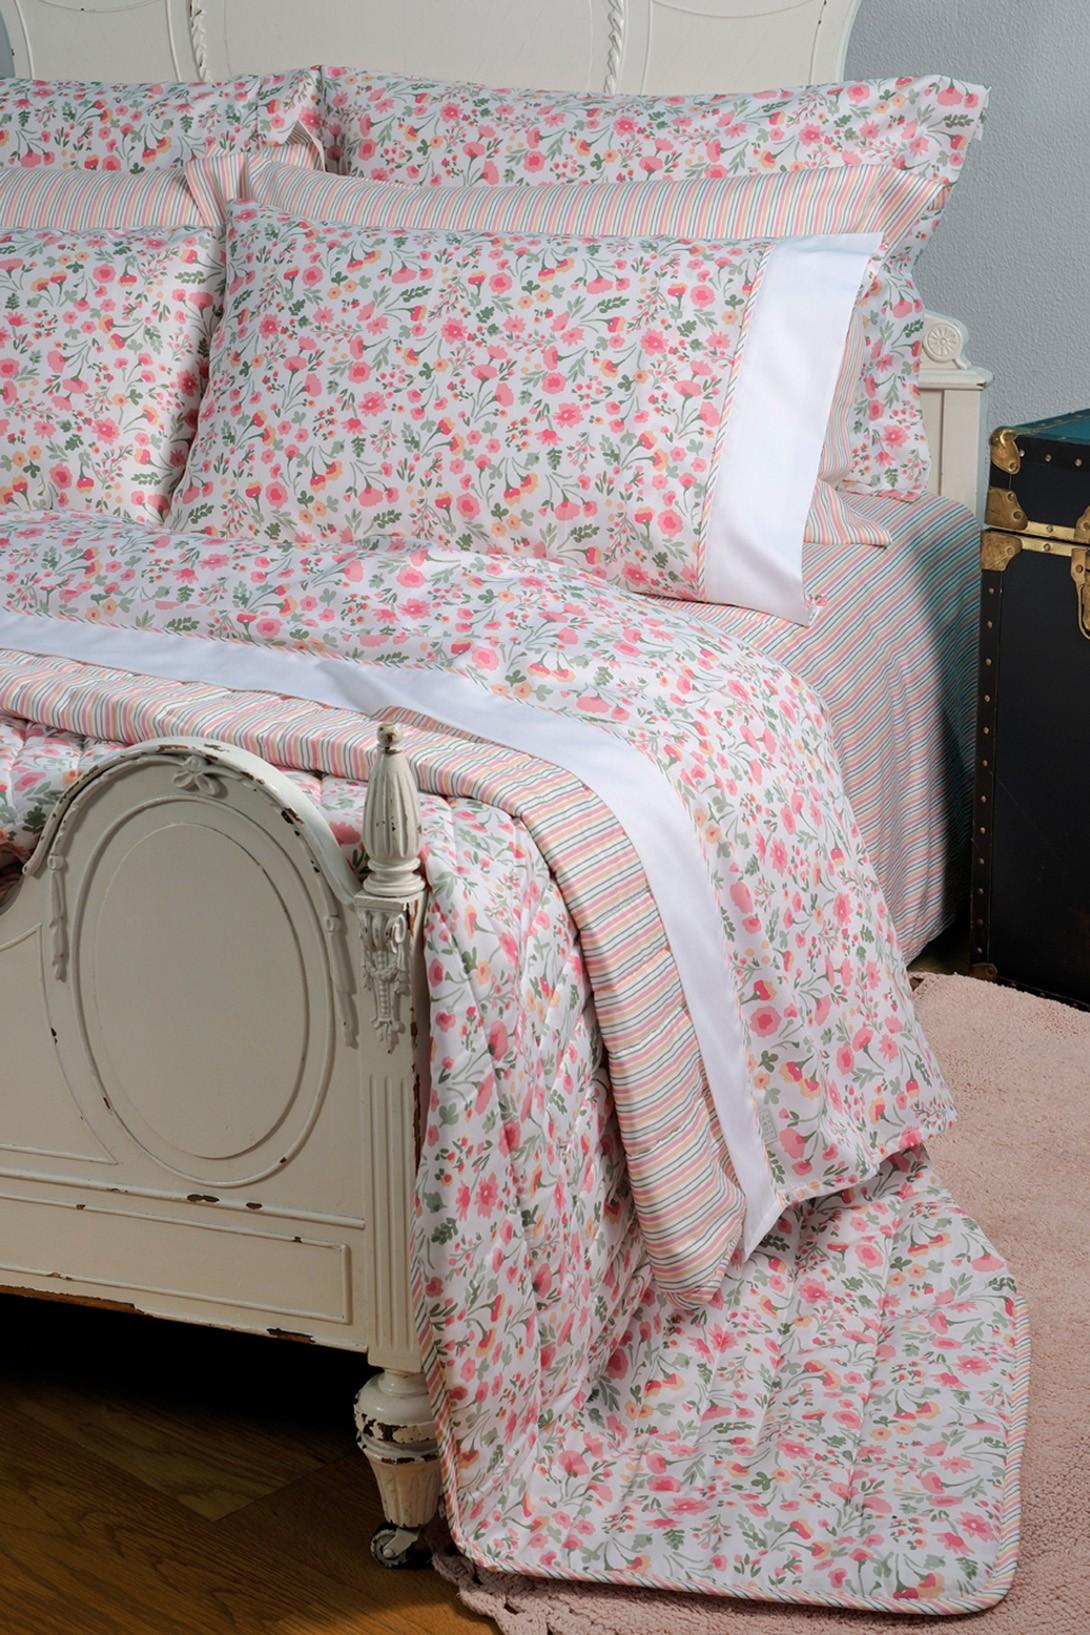 Σεντόνια Μονά (Σετ) Down Town Primo Charlotte S 603 home   κρεβατοκάμαρα   σεντόνια   σεντόνια μονά